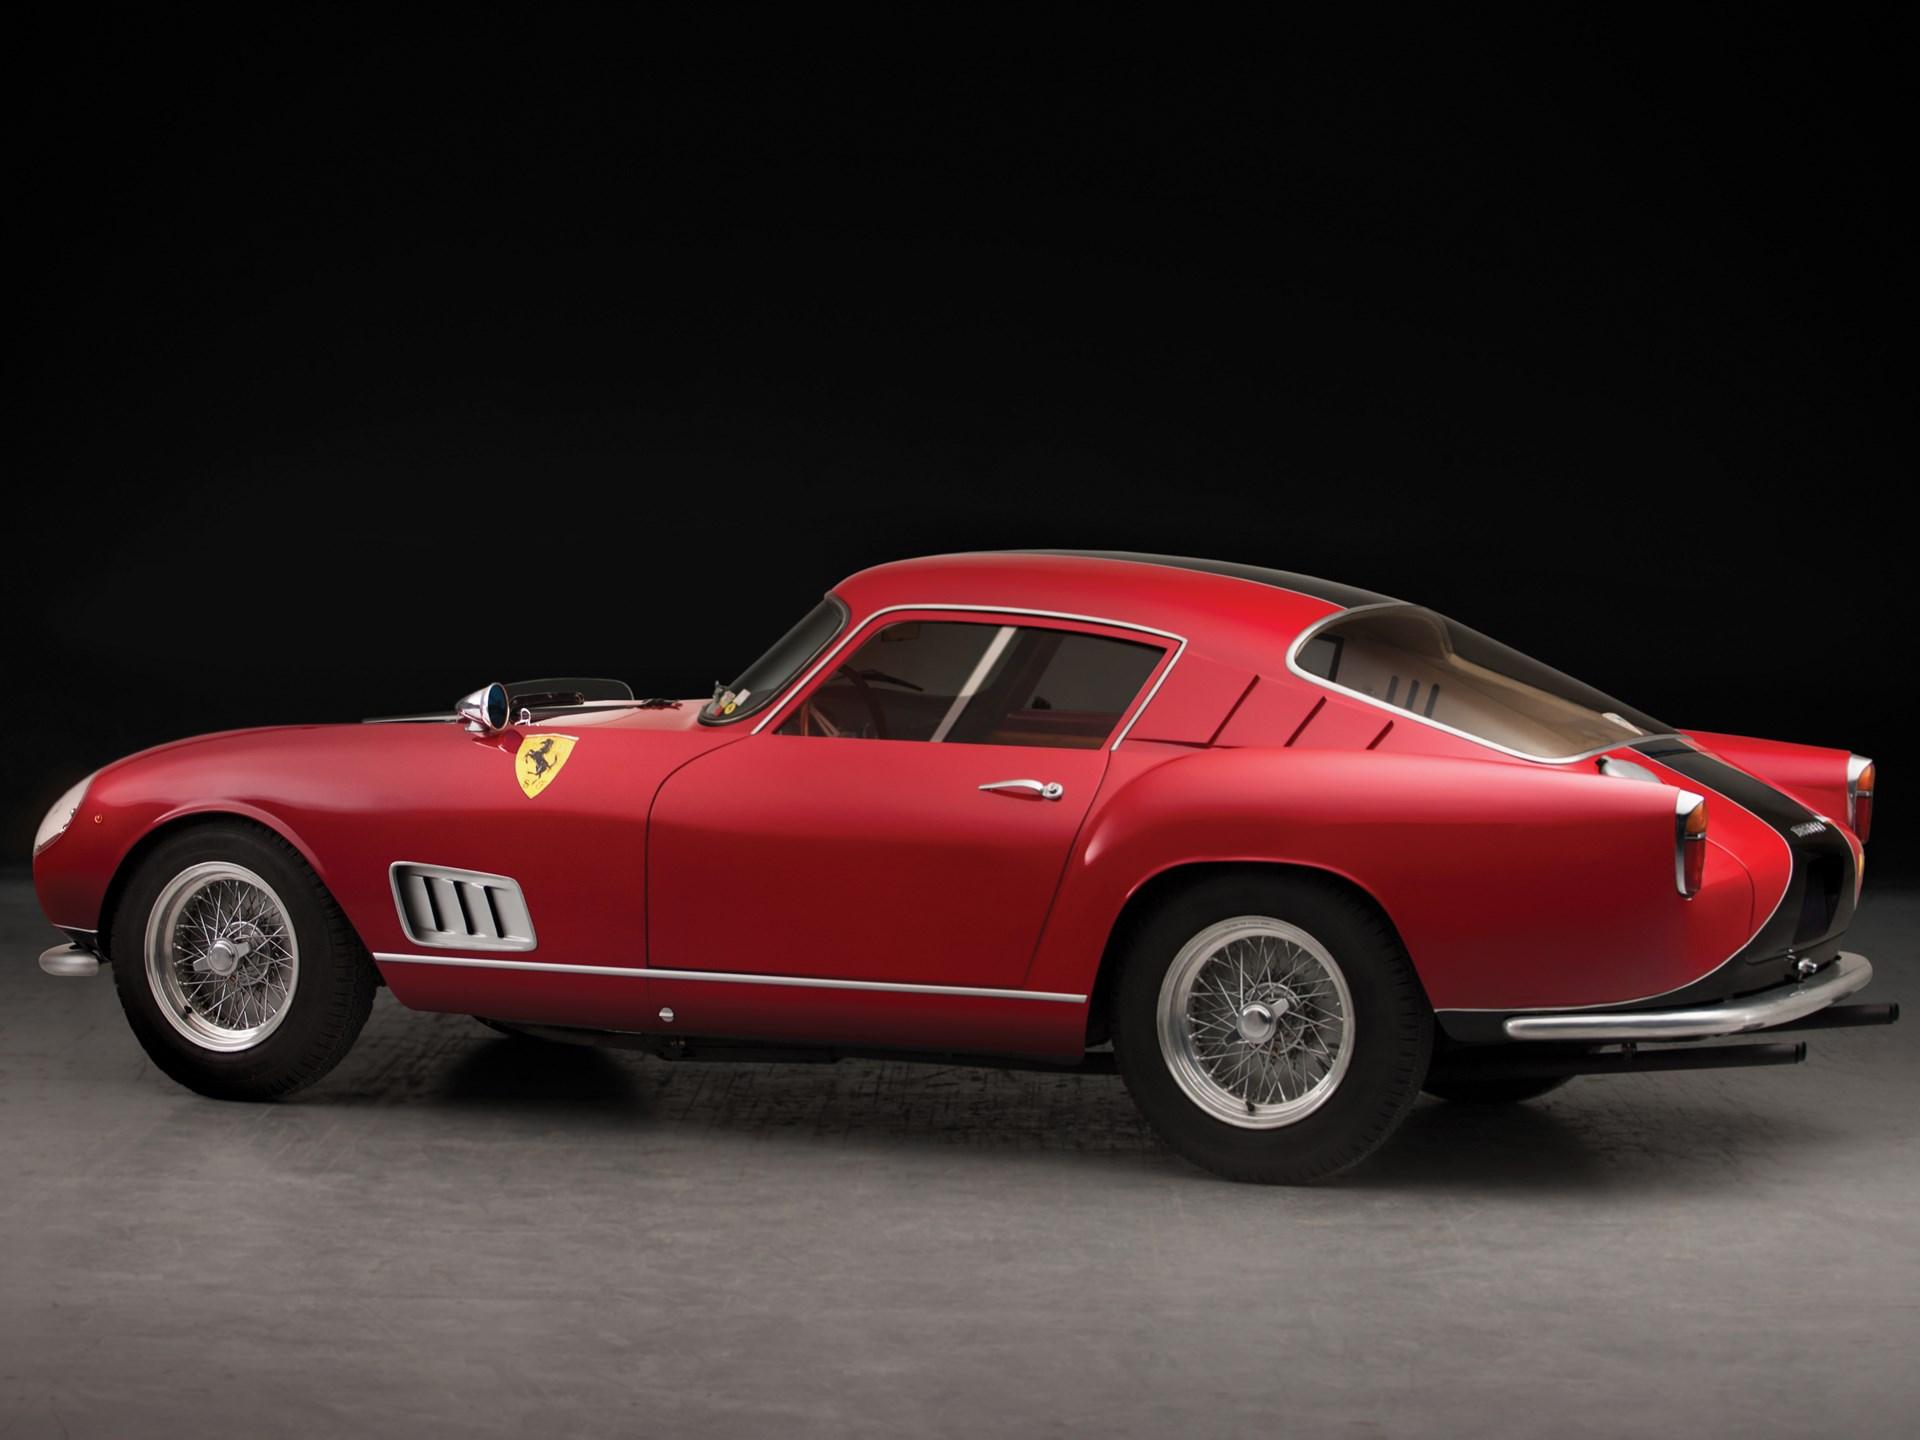 1957 Ferrari 250 GT Berlinetta Competizione 'Tour de France' by Scaglietti